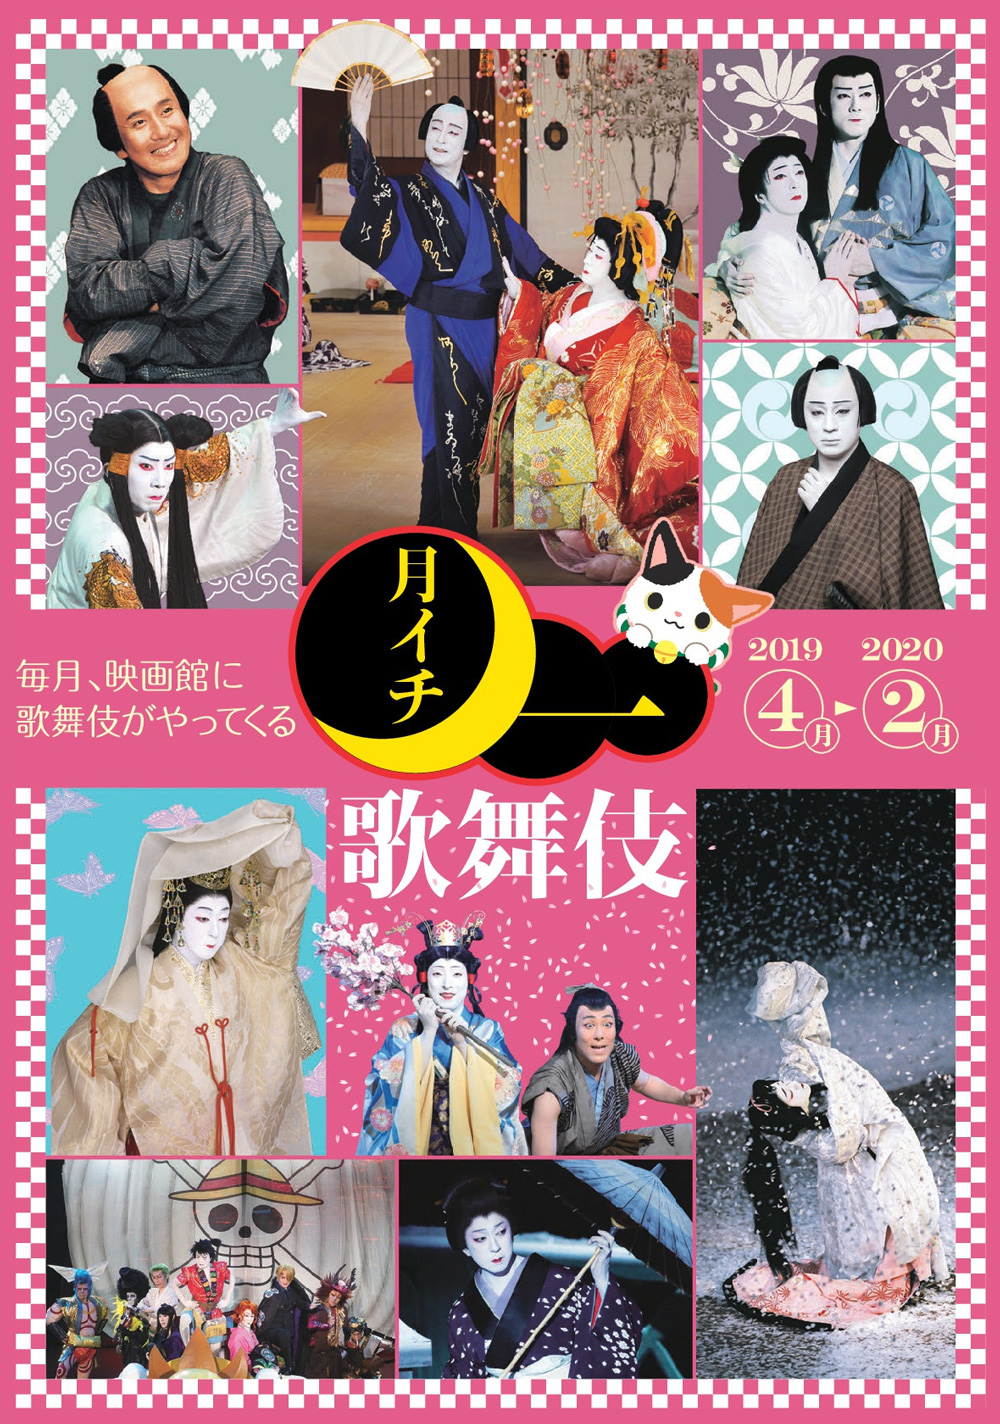 《月イチ歌舞伎》2019、上映ラインナップ発表